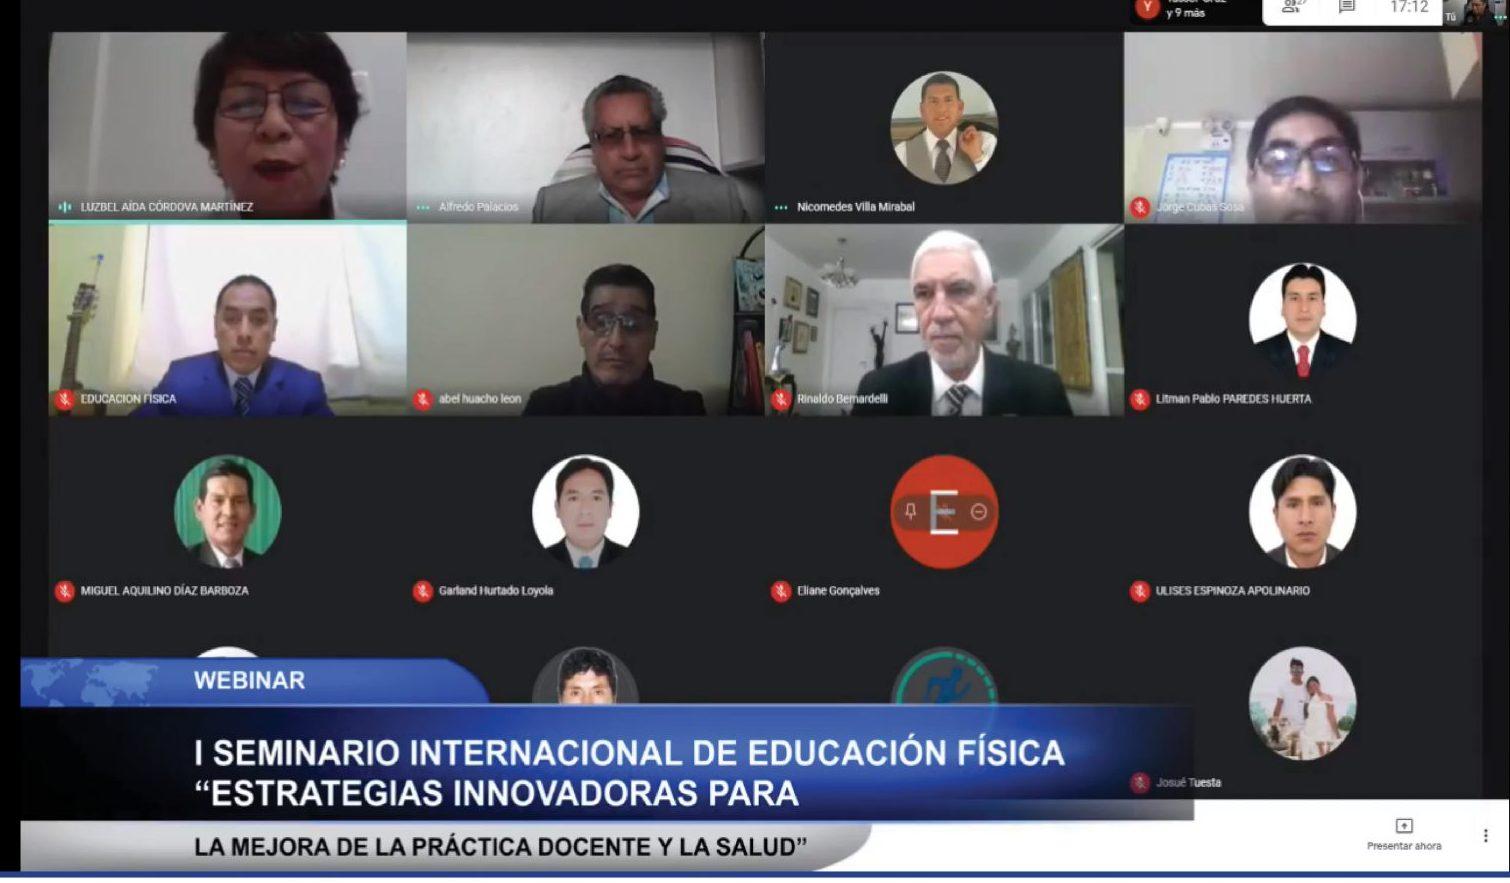 MÁS DE 12 MIL PERSONAS PARTICIPARON DEL SEMINARIO INTERNACIONAL DE EDUCACIÓN FÍSICA 2020